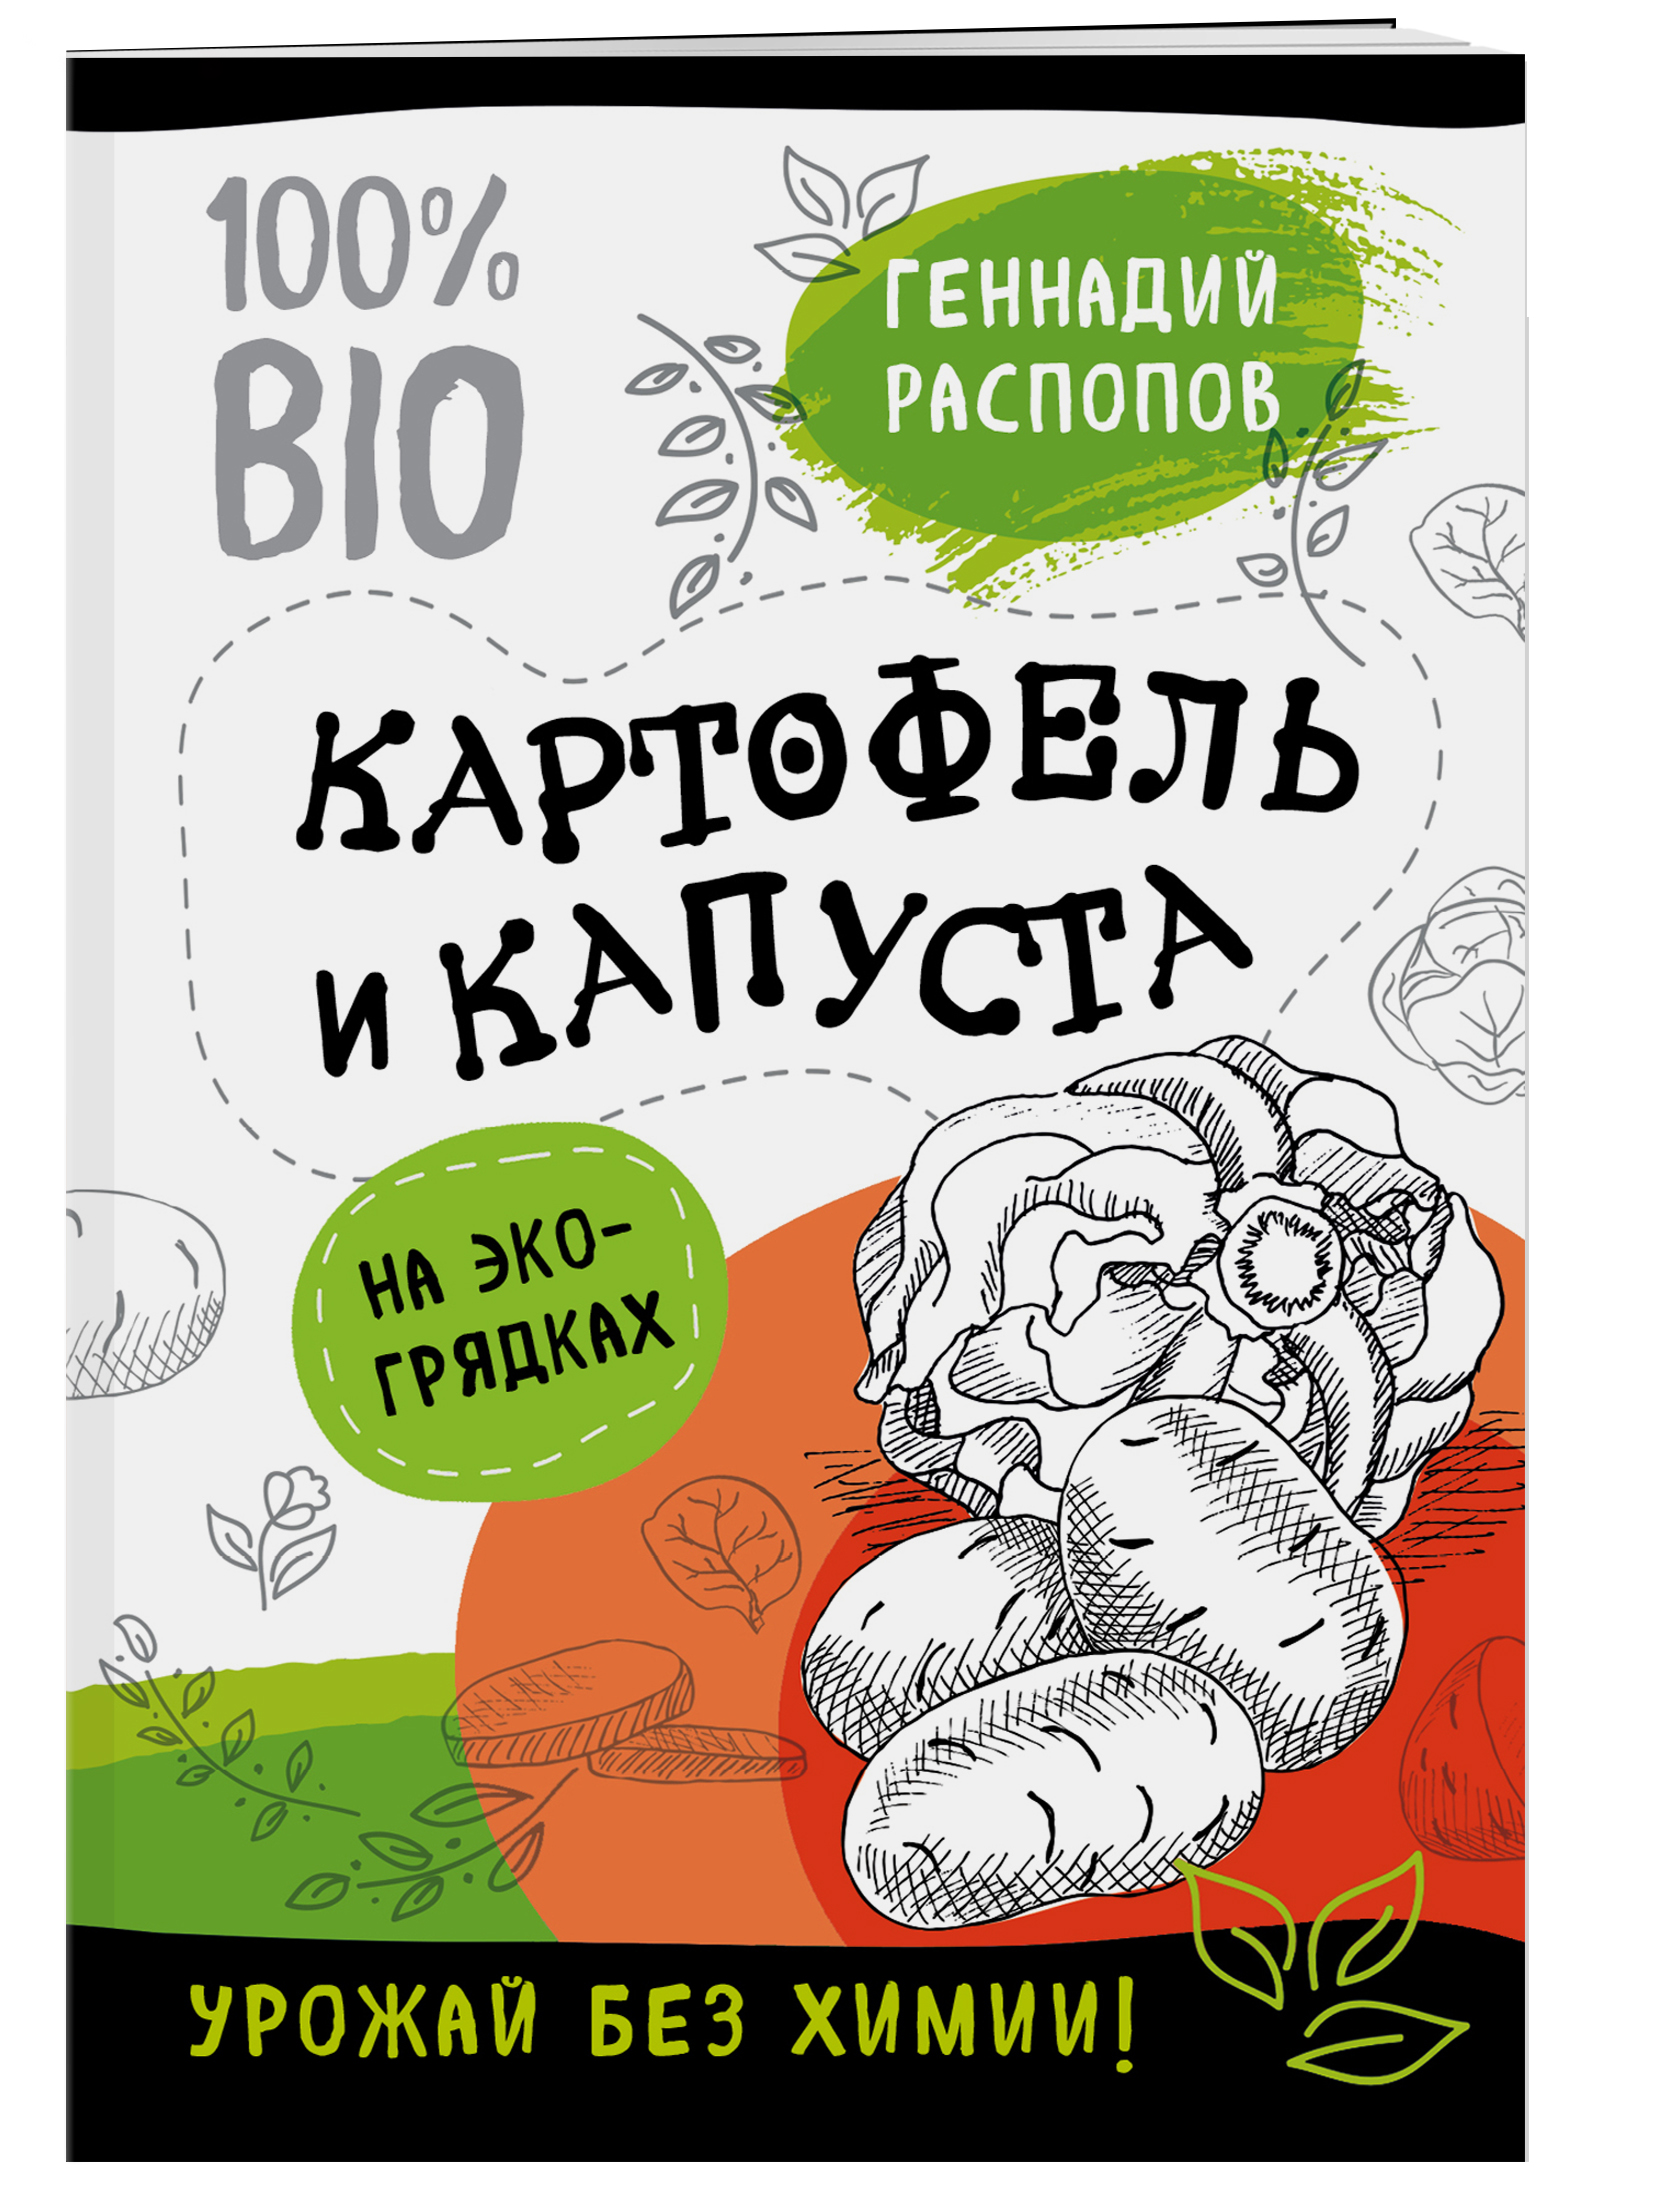 Богатый урожай без химии. Советы по выращиванию для тех, кто хочет сохранить здоровье (комплект из 6 книг)